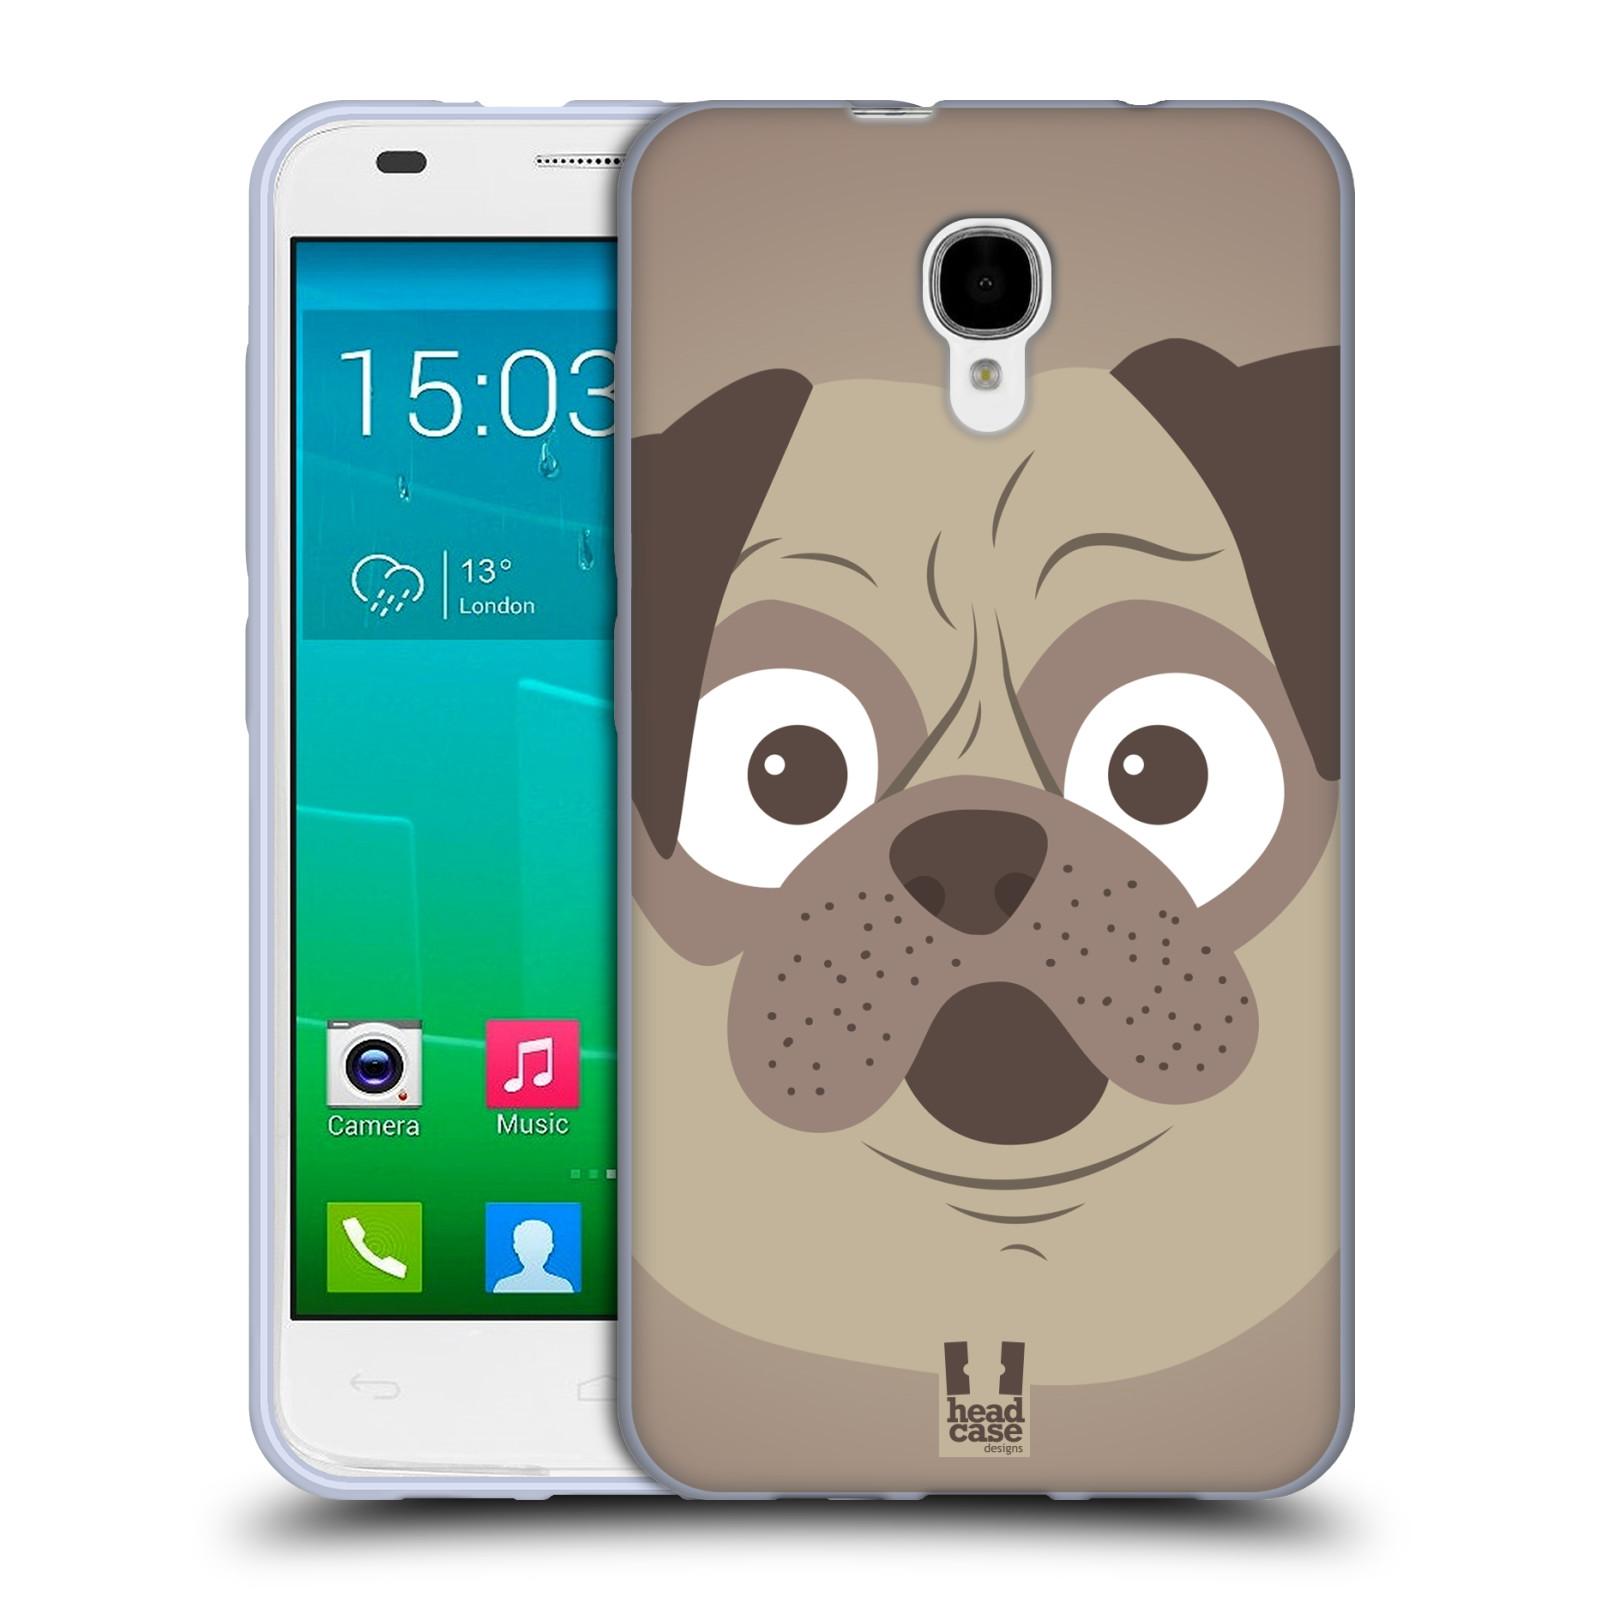 HEAD CASE silikonový obal na mobil Alcatel Idol 2 S OT-6050 vzor Cartoon Karikatura barevná kreslená zvířátka pes mopsík